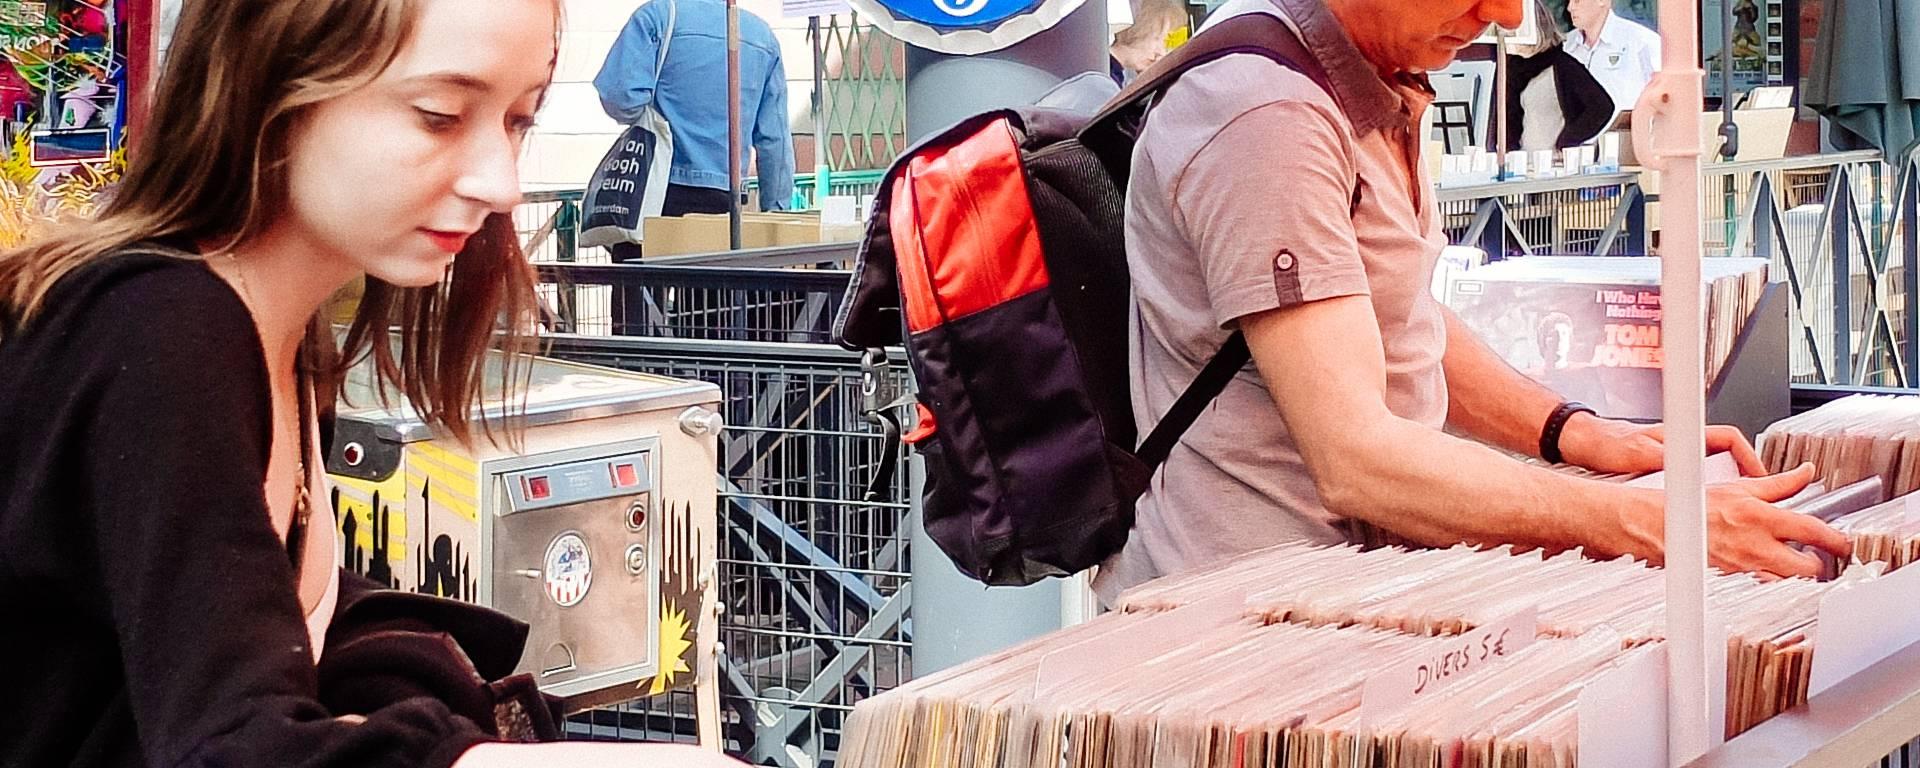 Vinyles au marché aux puces de Saint-Ouen